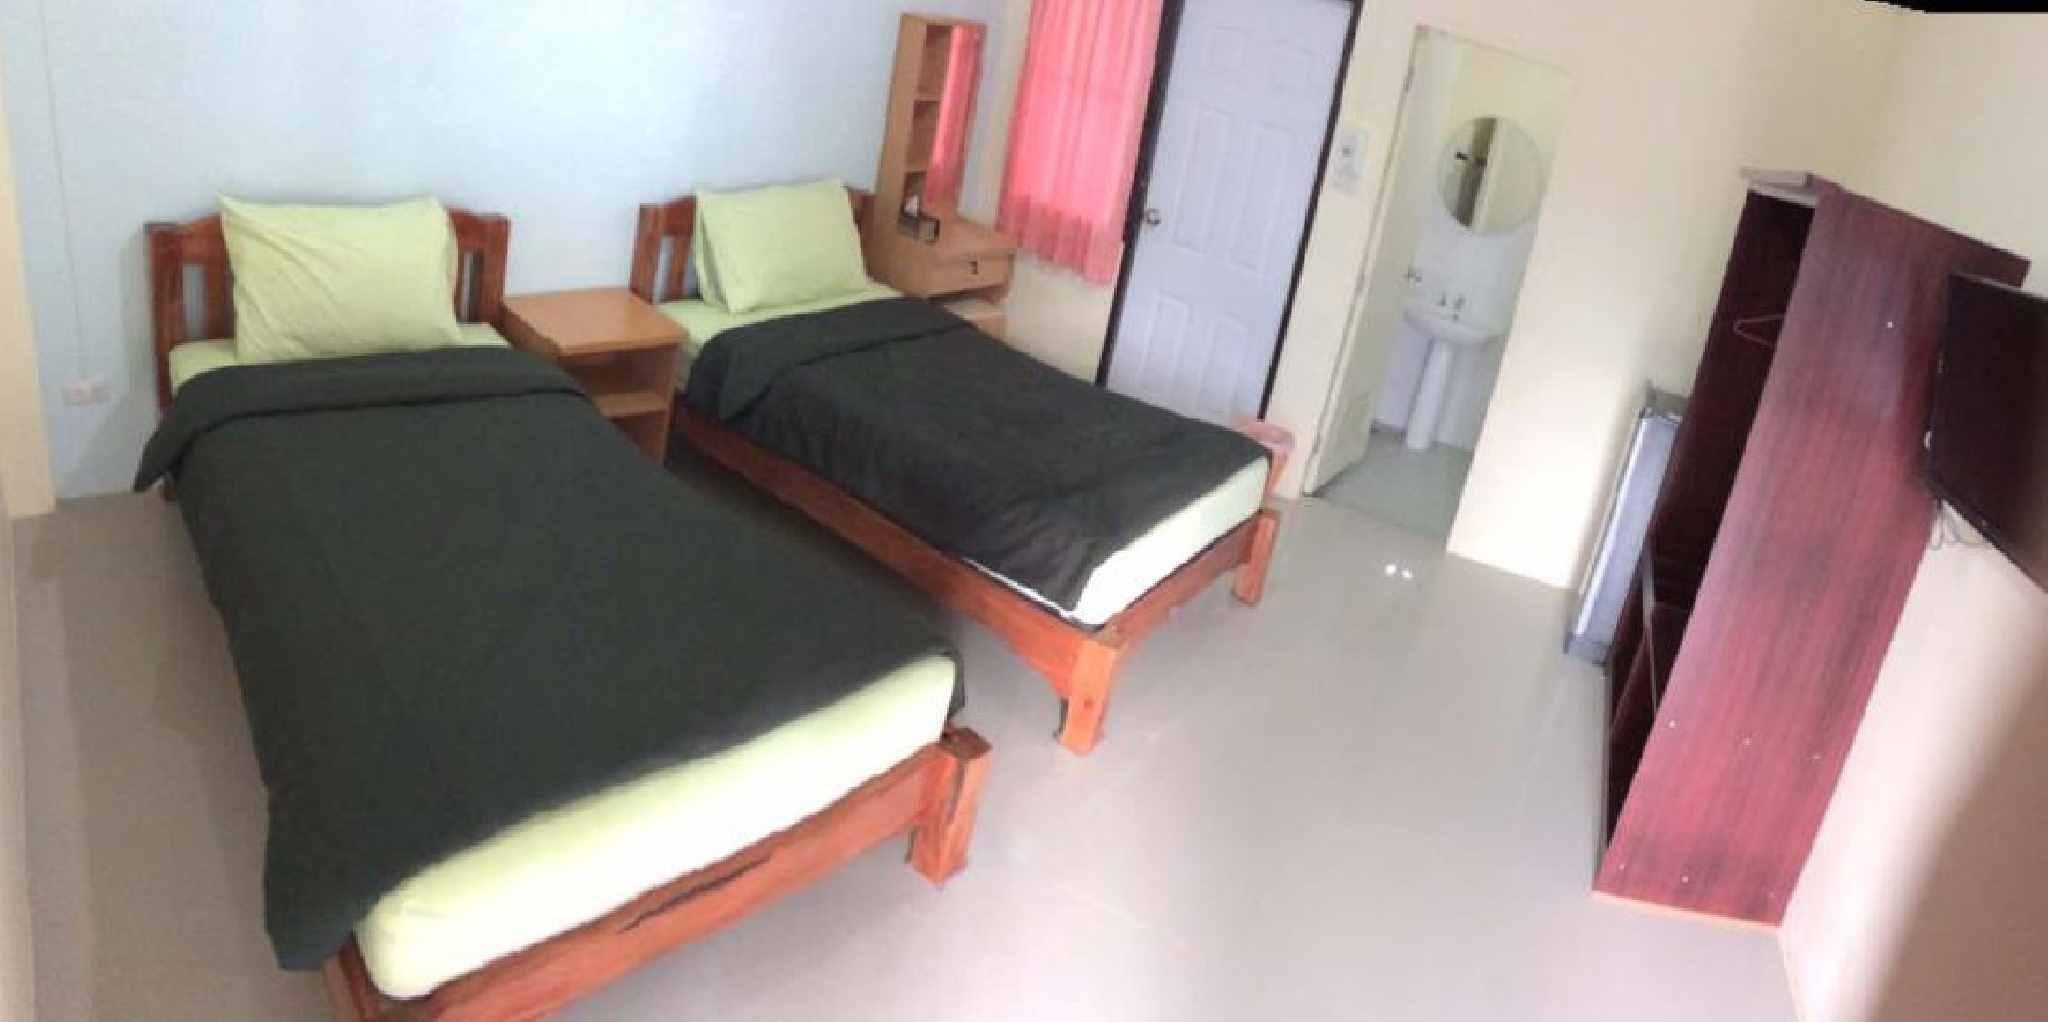 saitawa resident, Muang Ubon Ratchatani